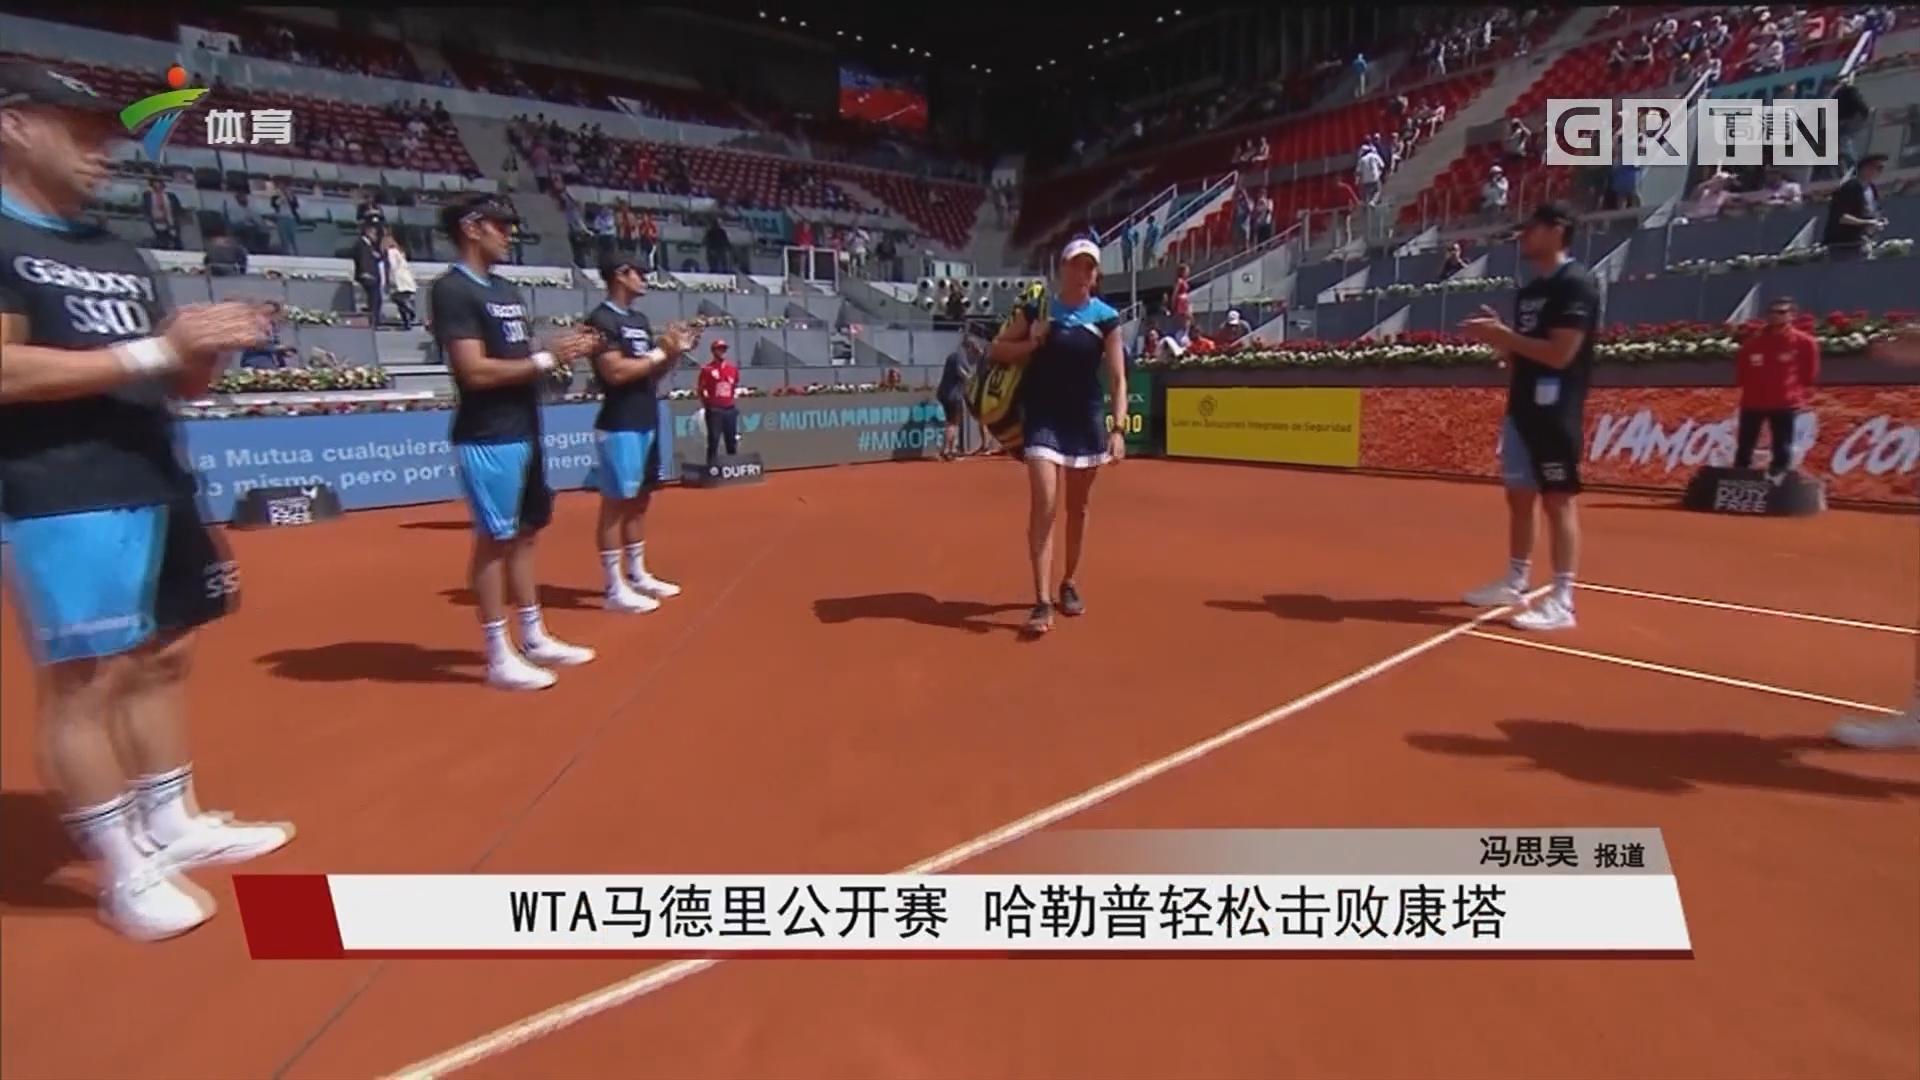 WTA马德里公开赛 哈勒普轻松击败康塔